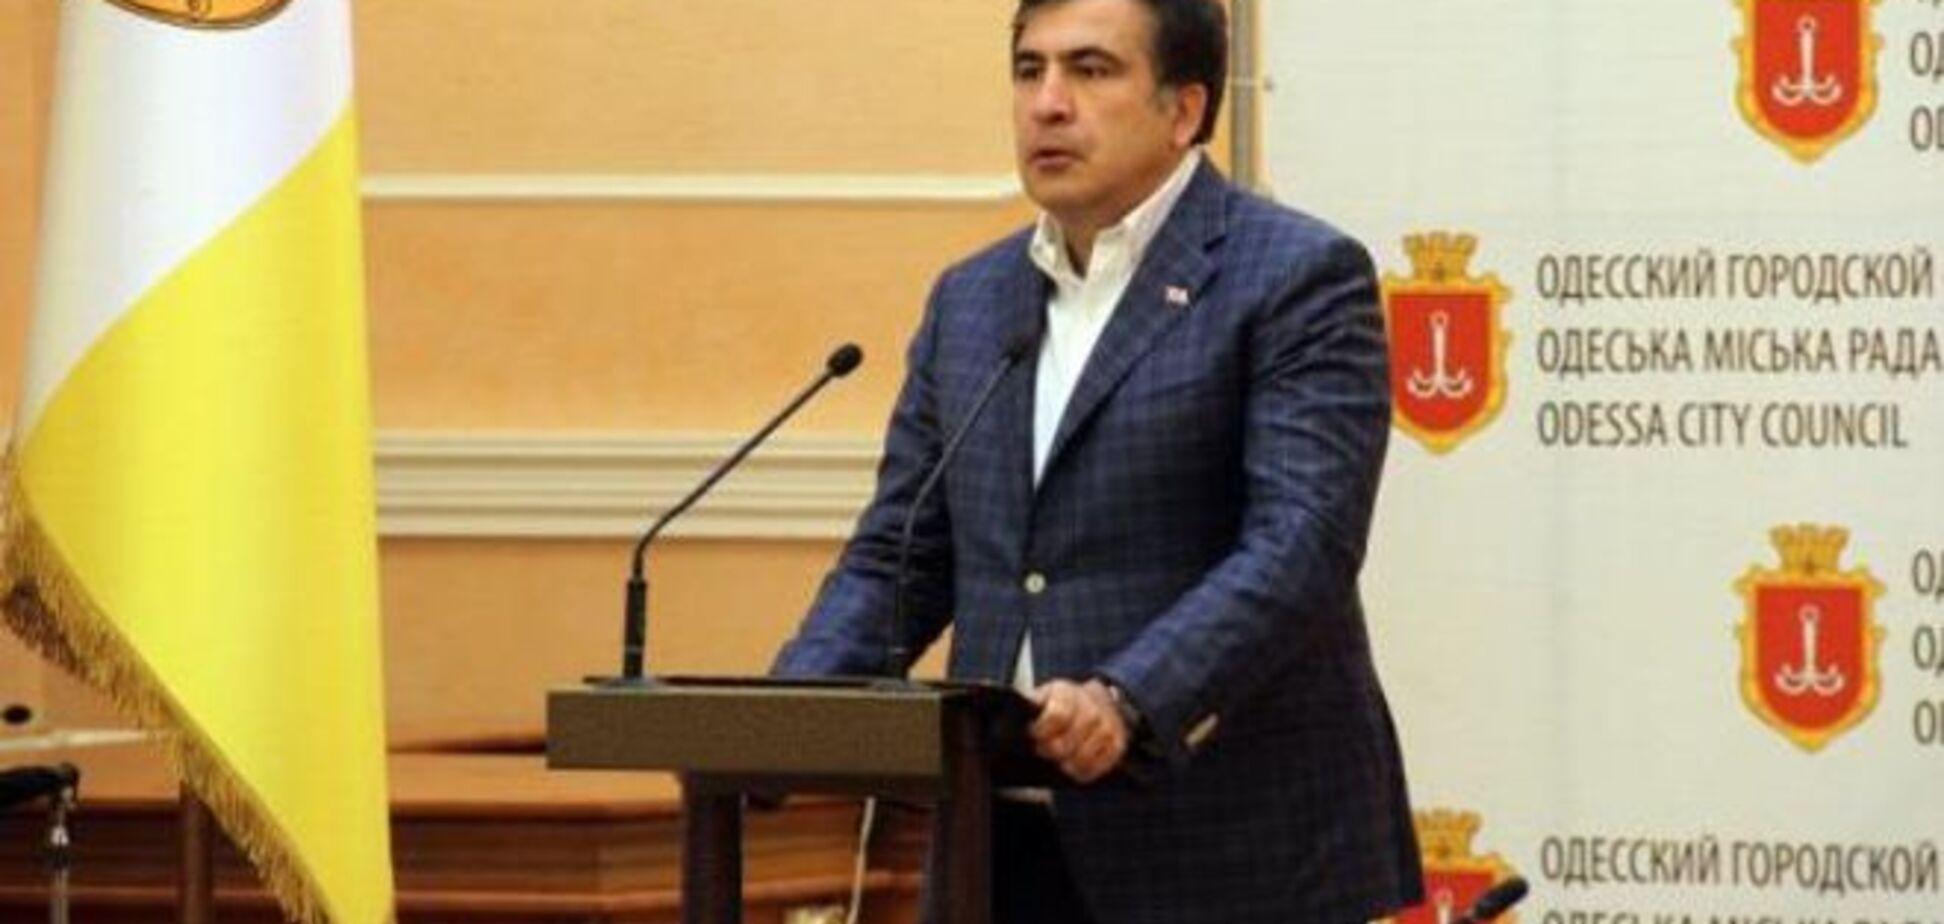 Саакашвілі запевнив, що не відмовиться від губернаторства заради посади в Кабміні